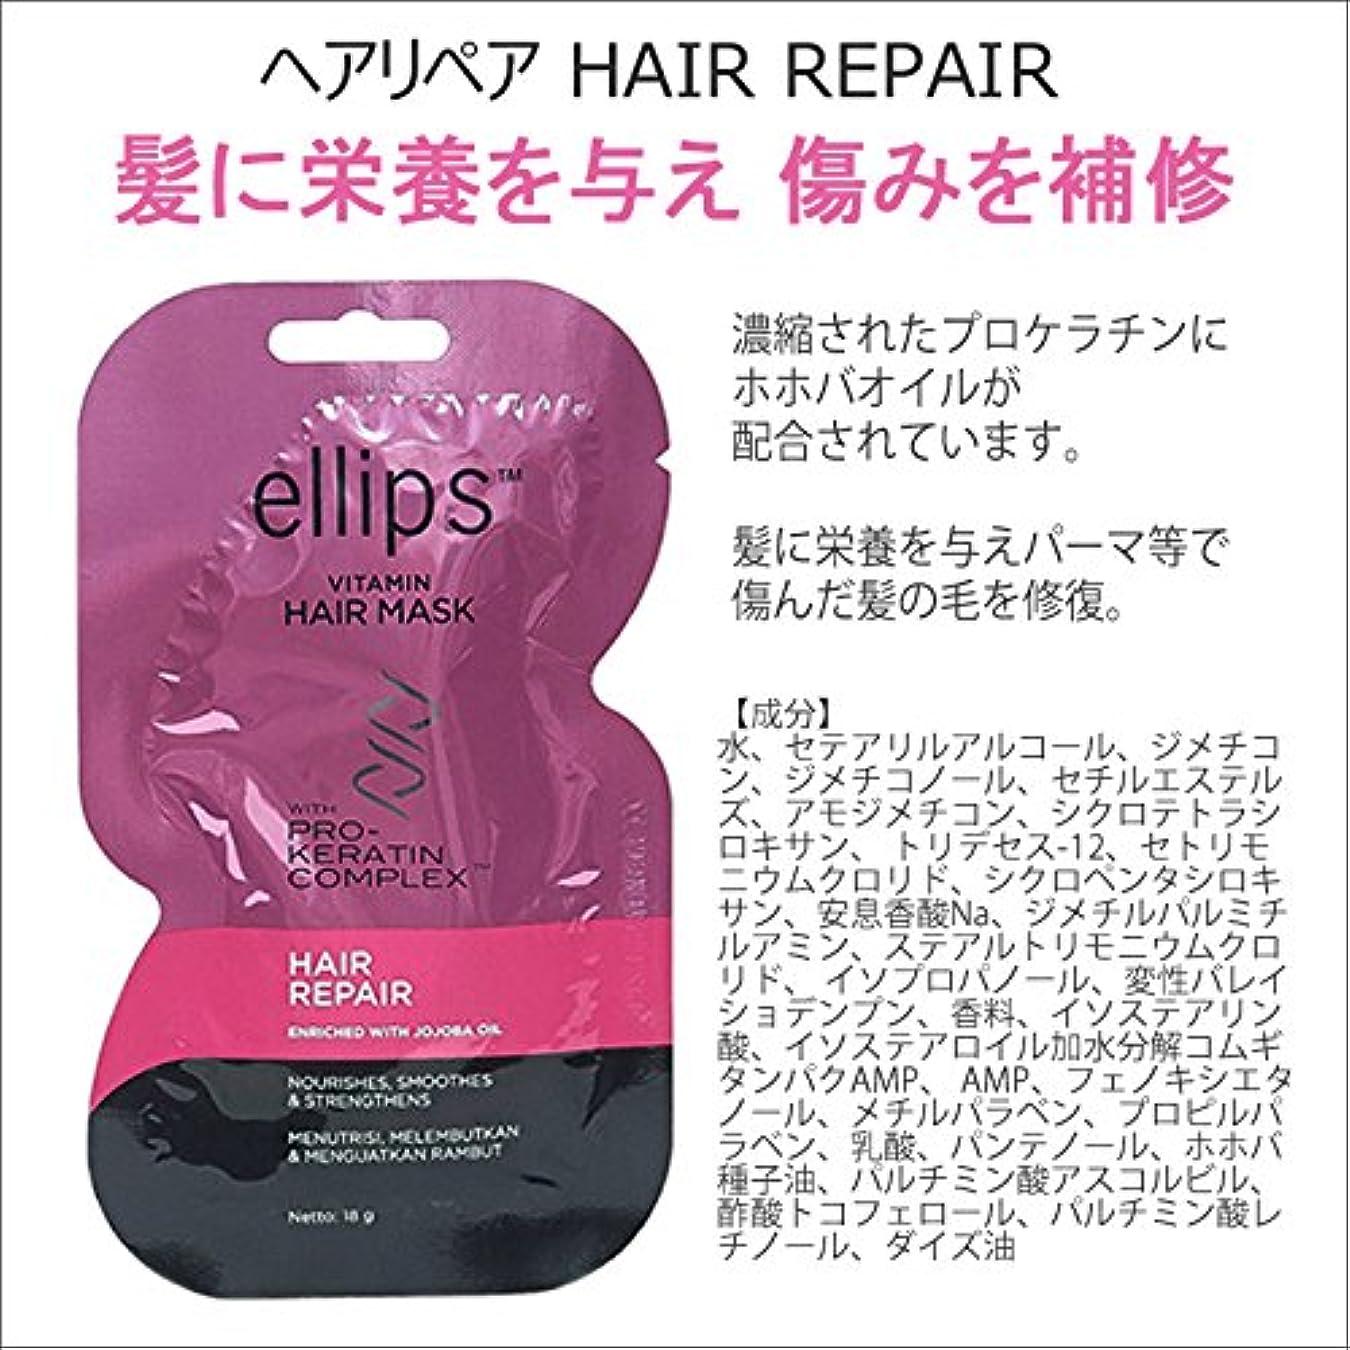 通り苦難秀でるellips(エリップス) PRO KERATIN COMPLEX プロ用 ヘアマスク ヘアパック シートタイプ 洗い流すヘアトリートメント ピンク(ダメージ用)